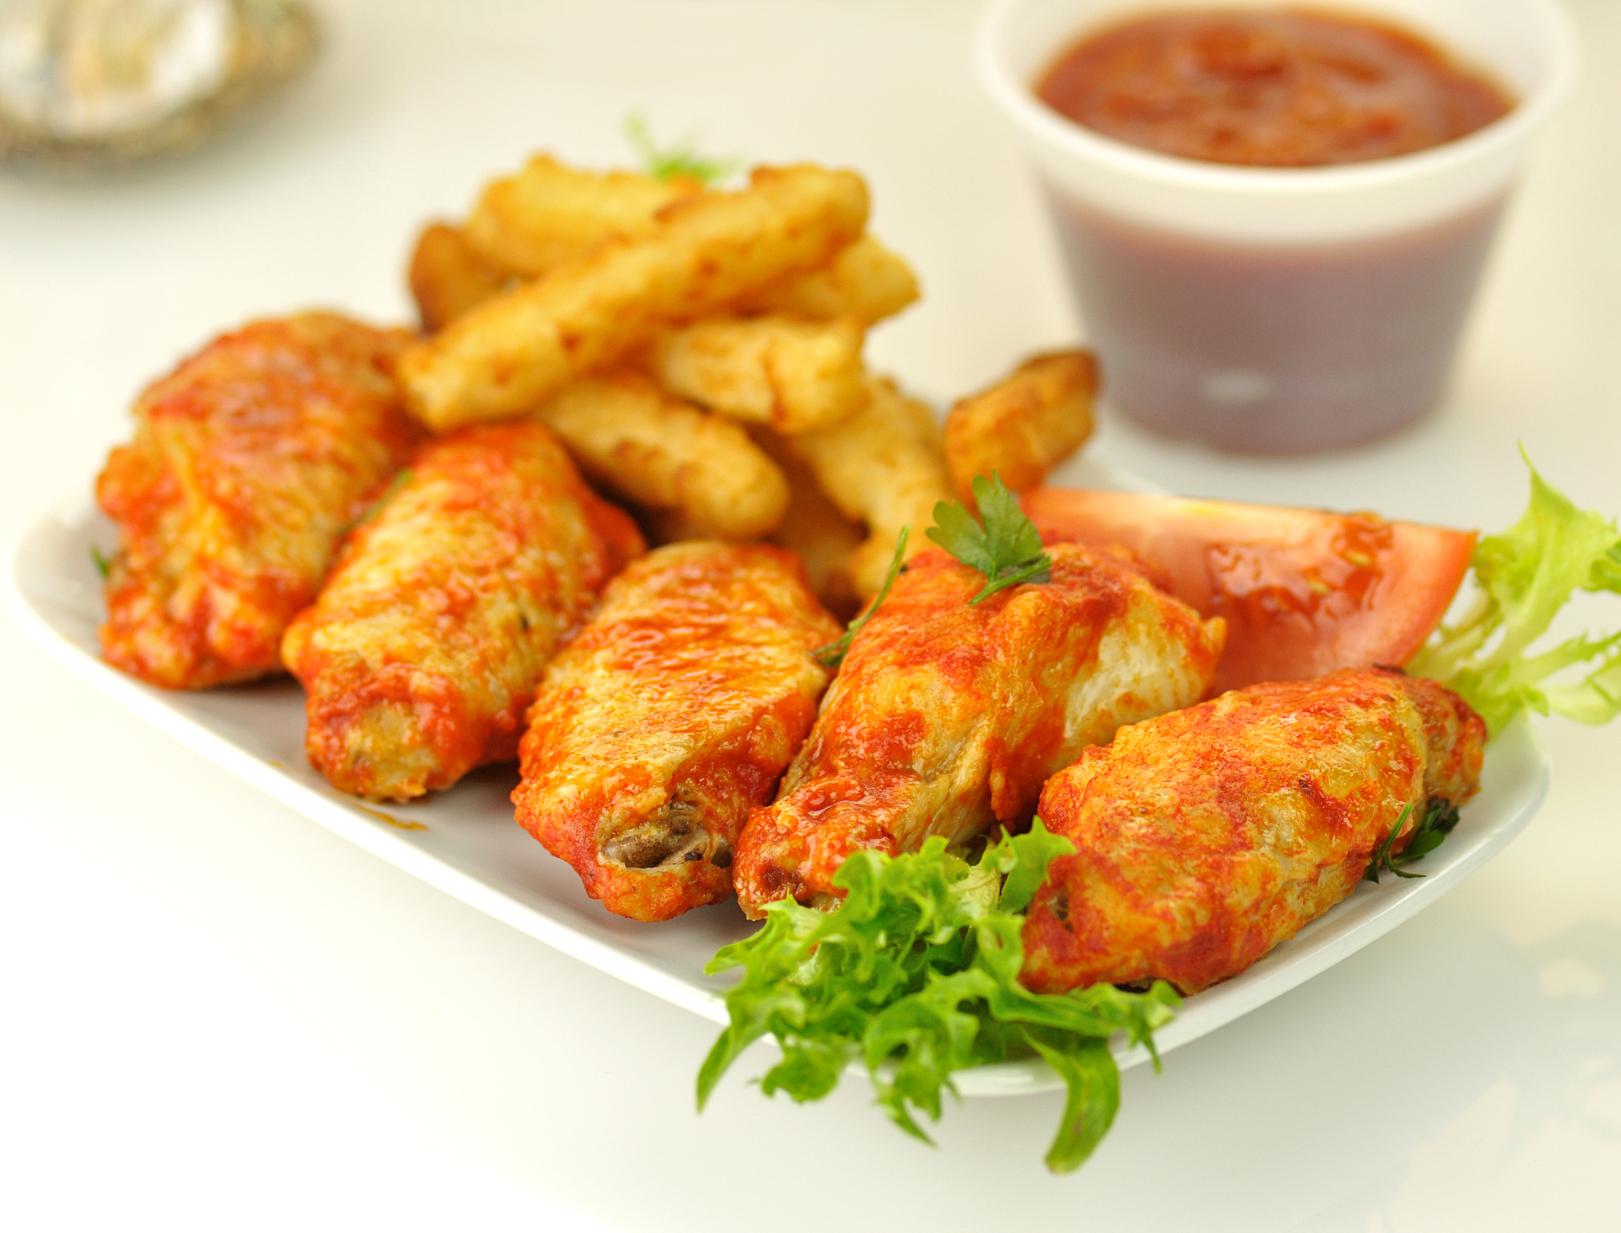 Pollo en salsa barbacoa y de patatas al horno